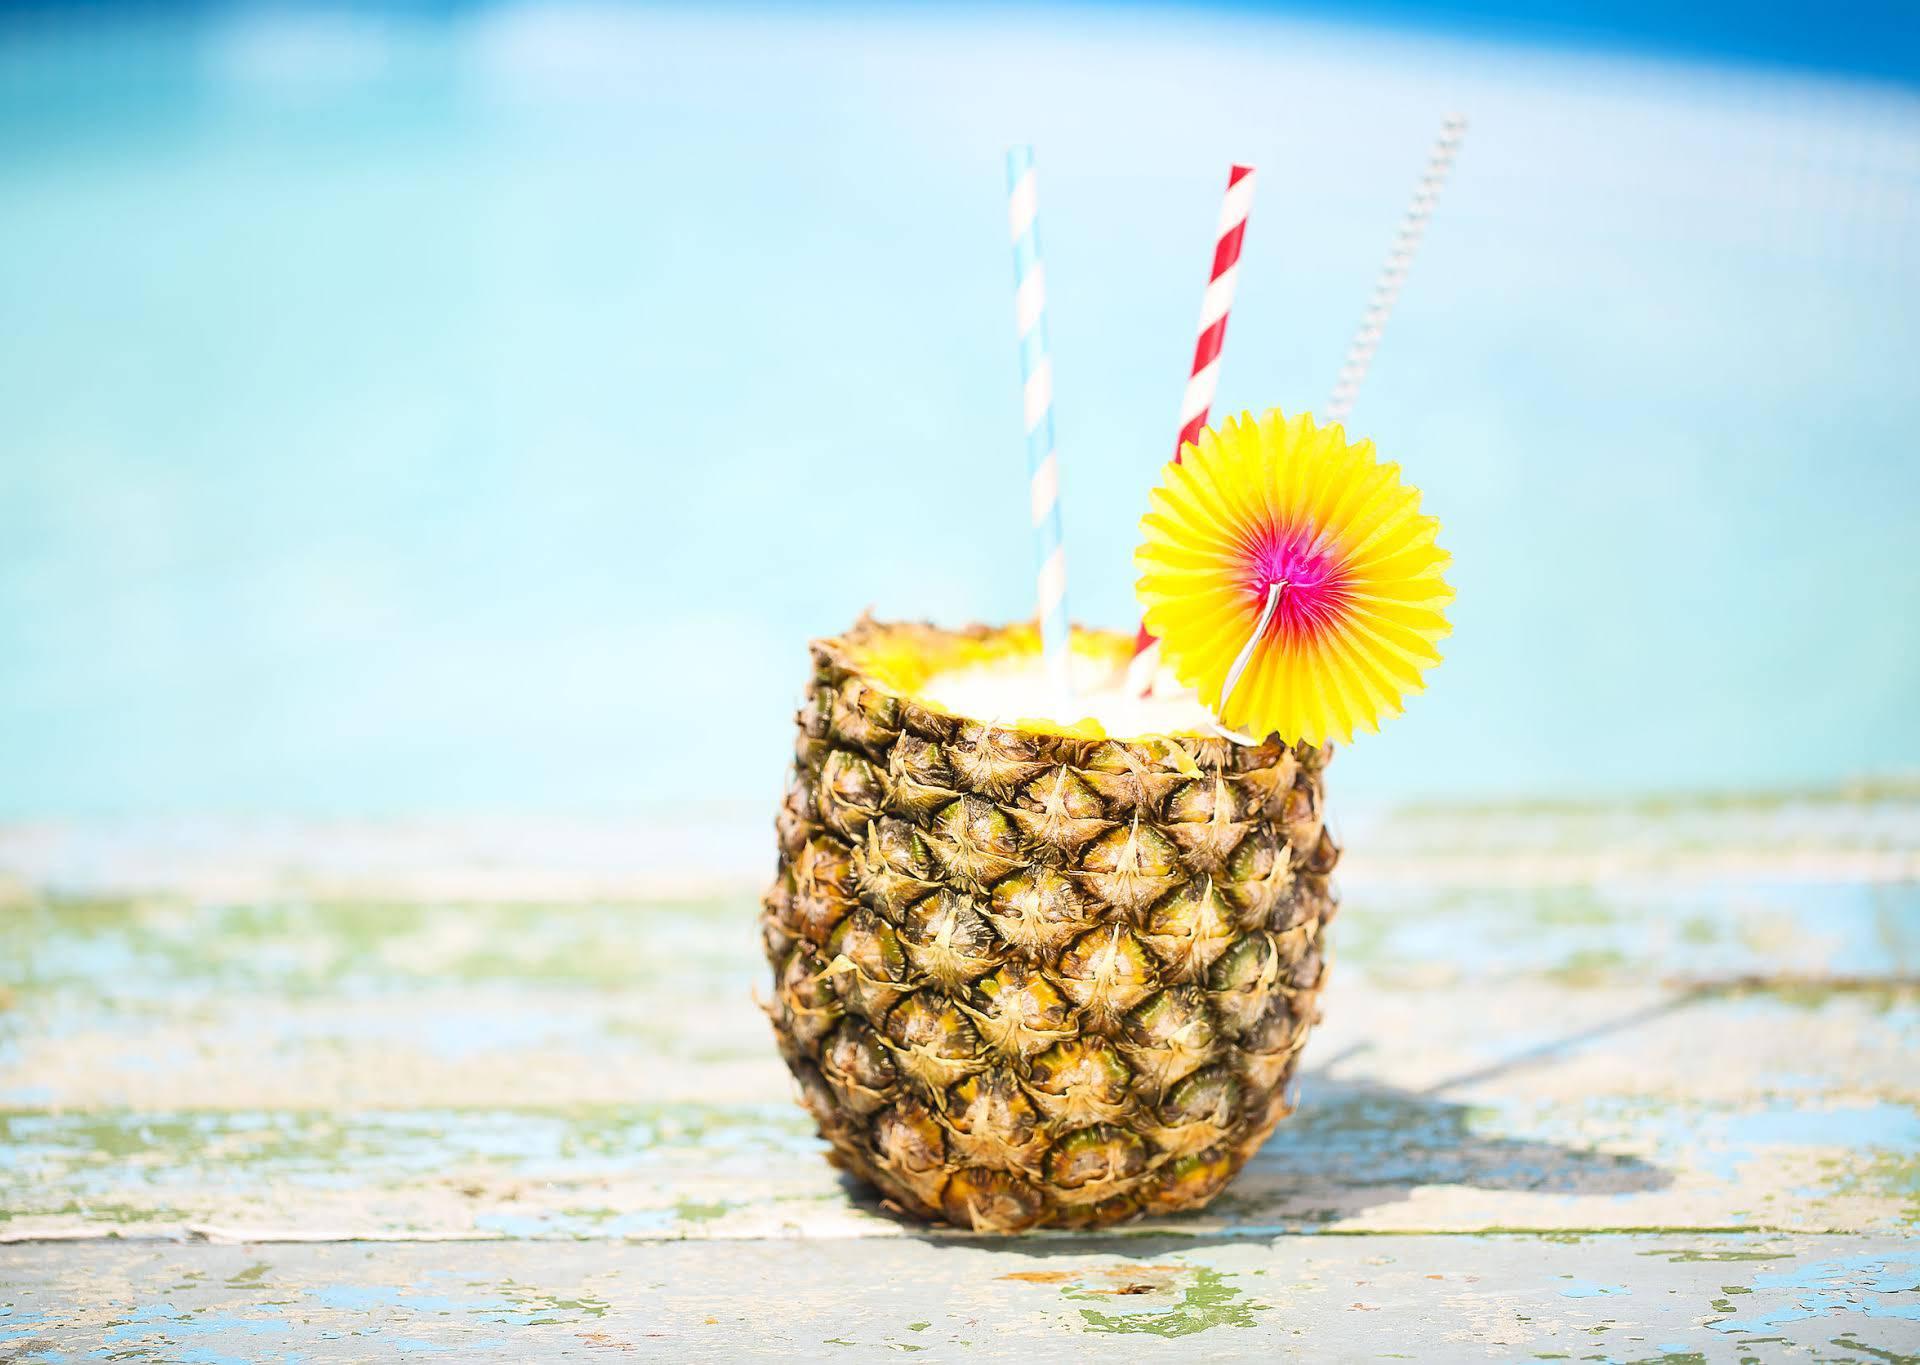 Odličan recept za Piña coladu koju možete piti iz ananasa